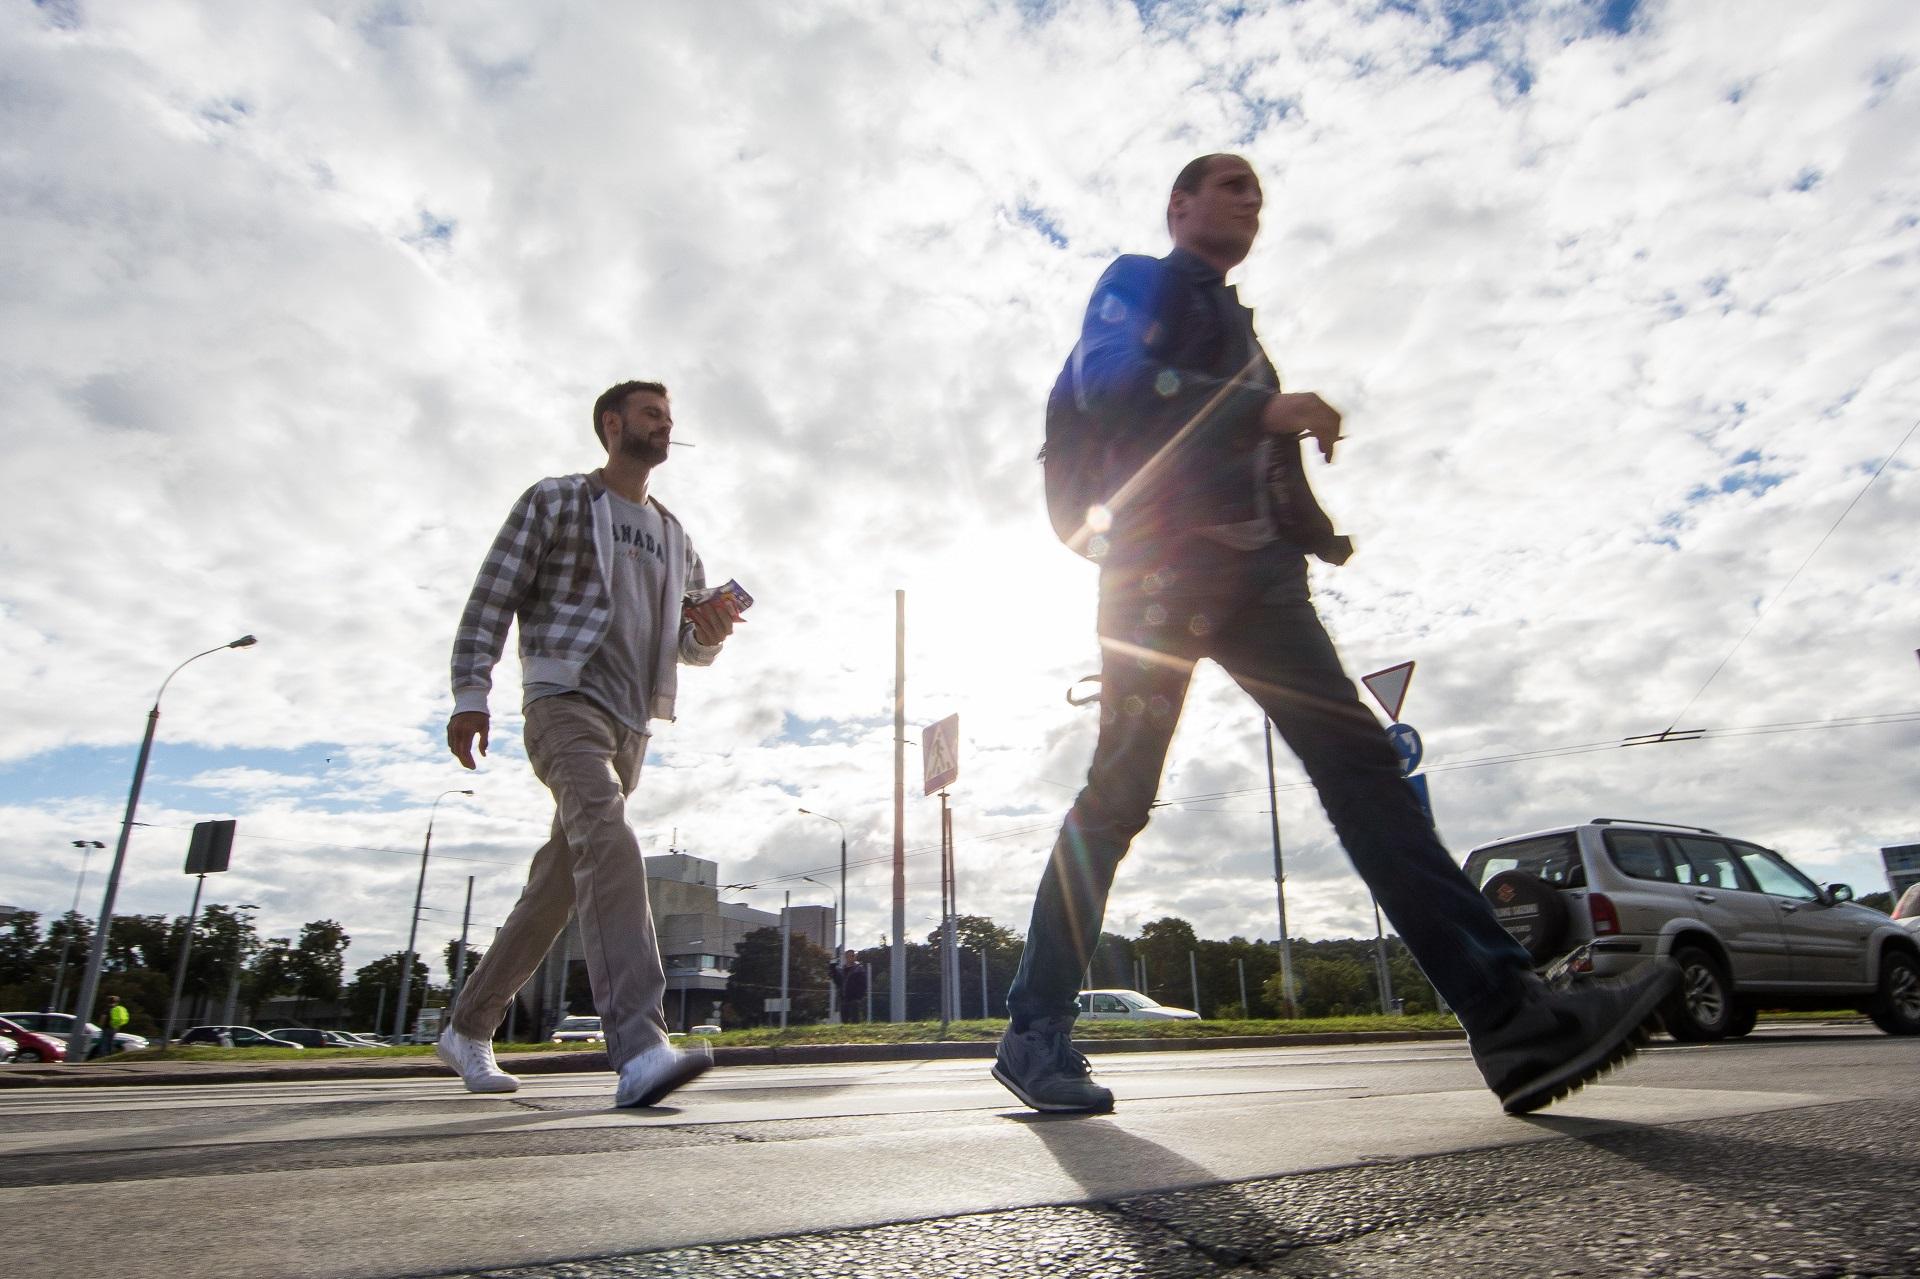 Kasmet keliuose yra sužeidžiama ir žūsta daugybė pėsčiųjų ir, nors statistika gerėja, tokių aukų išvengti vis dar nepavyksta. / BNS nuotr.